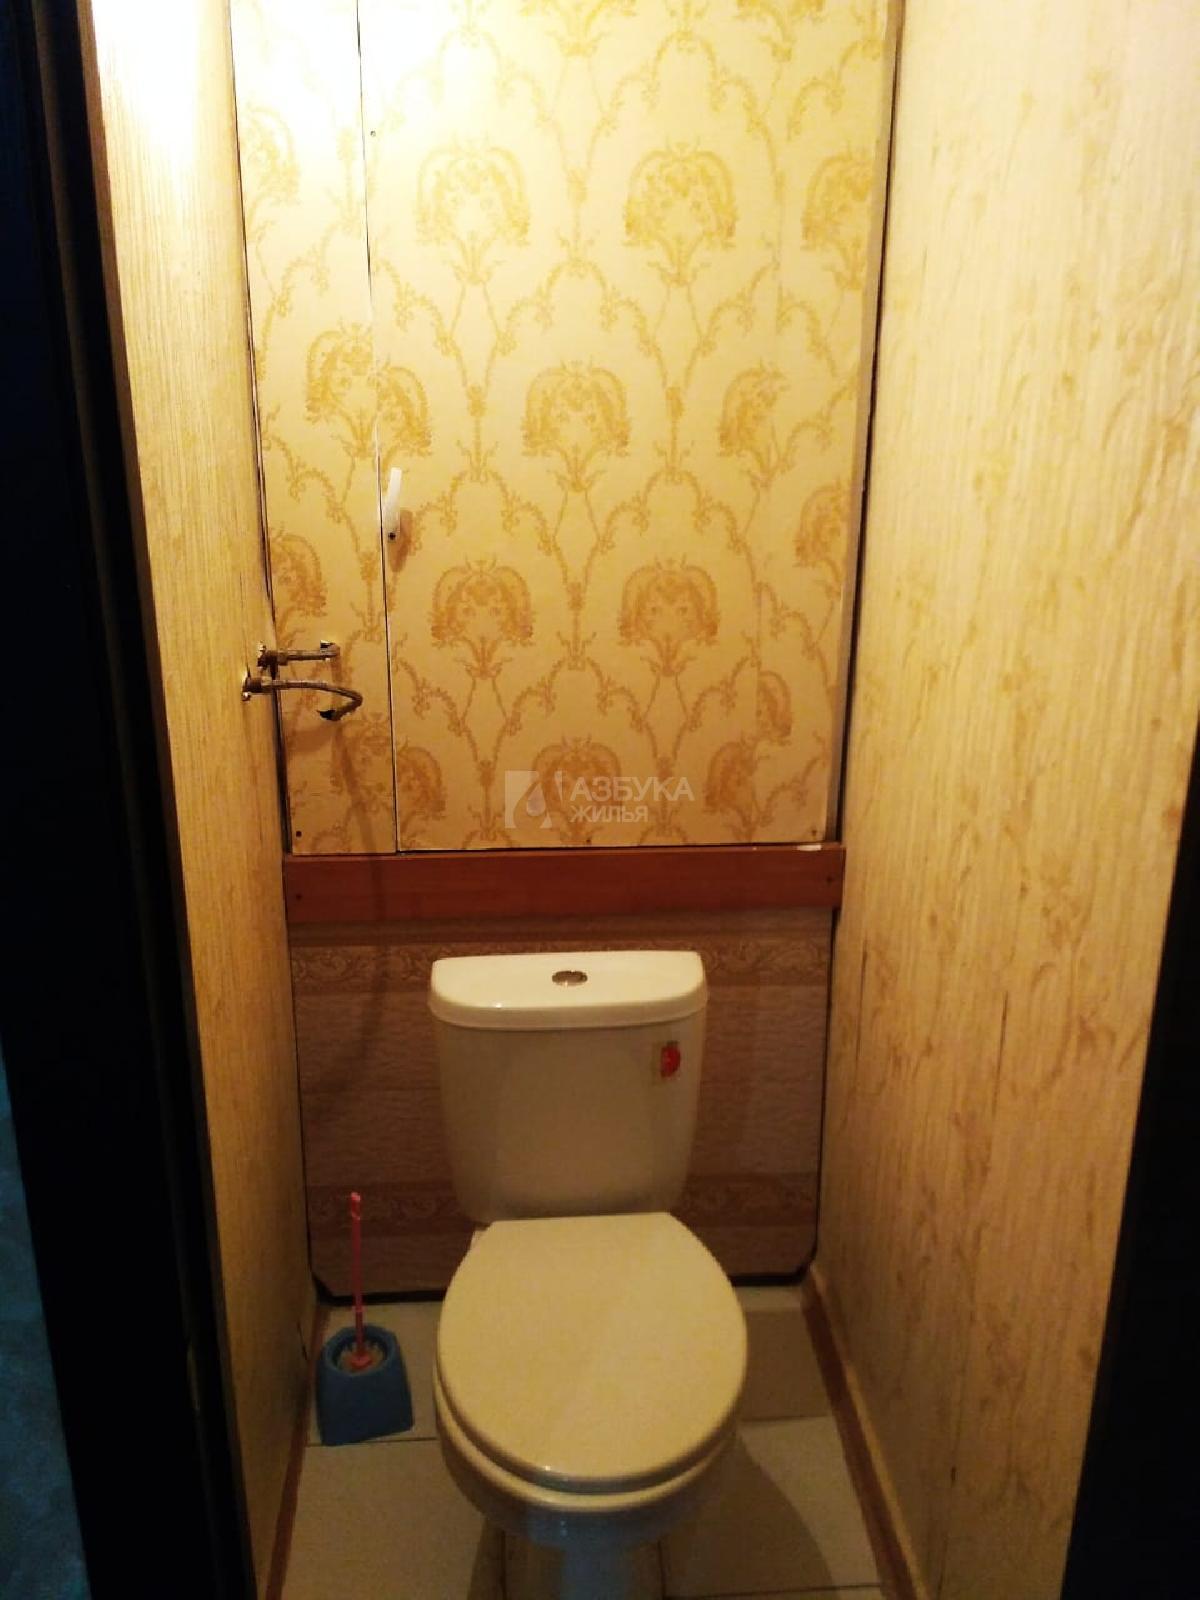 Фото №4 - 2-комнатная квартира, Москва, Краснодарская улица 72 корпус 3, метро Люблино